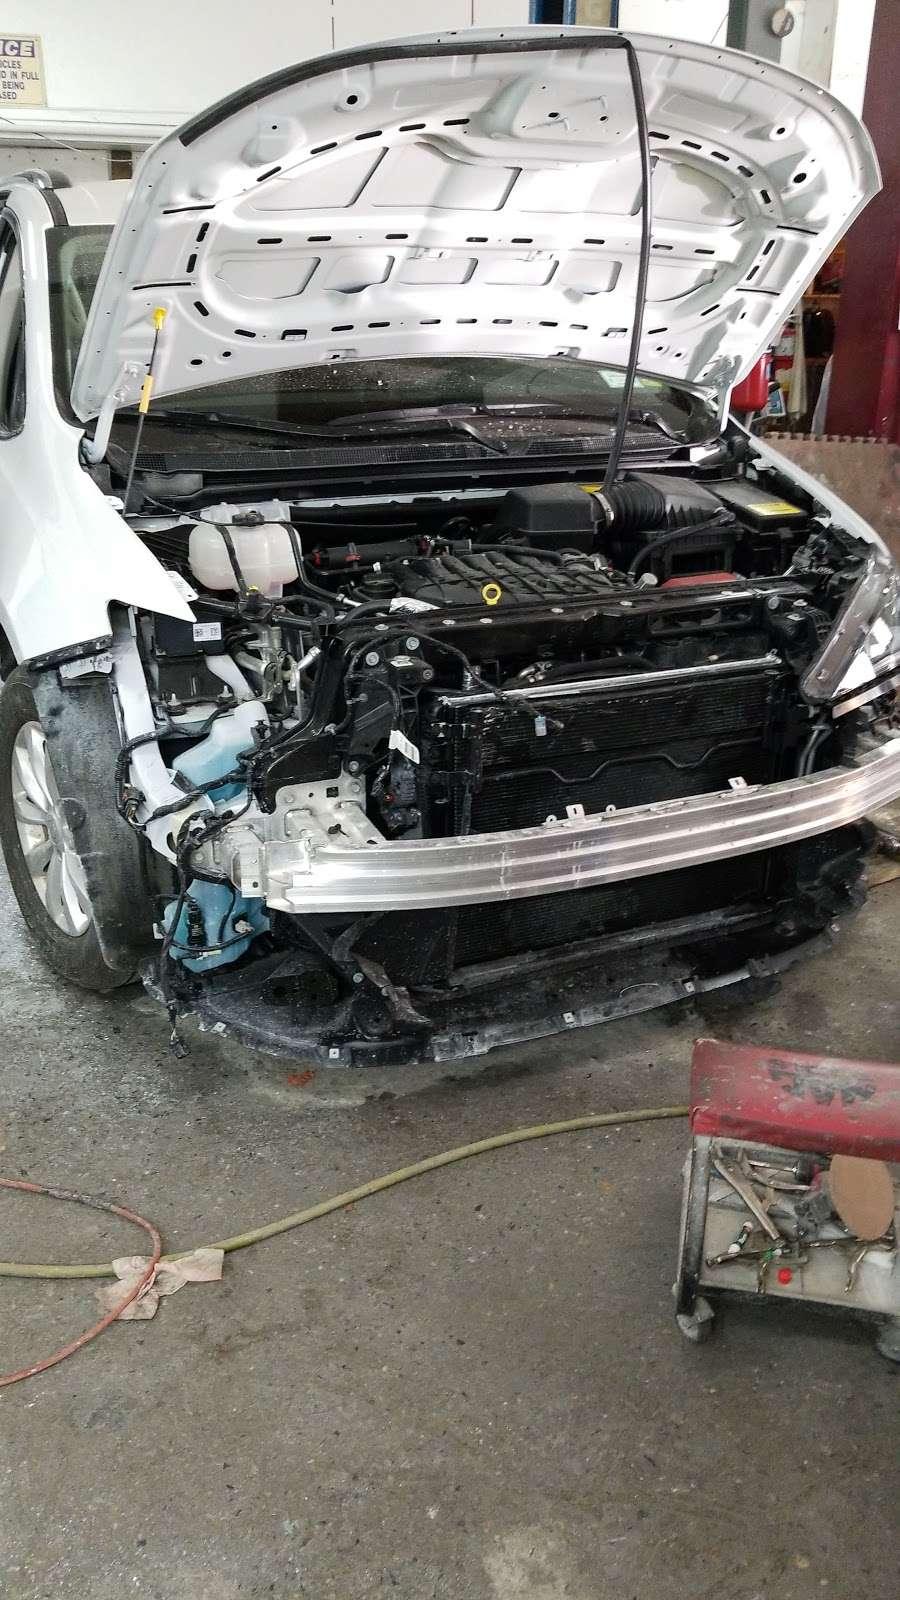 Ram Auto Repair - car repair  | Photo 1 of 1 | Address: Woodside, NY 11377, USA | Phone: (718) 426-0085